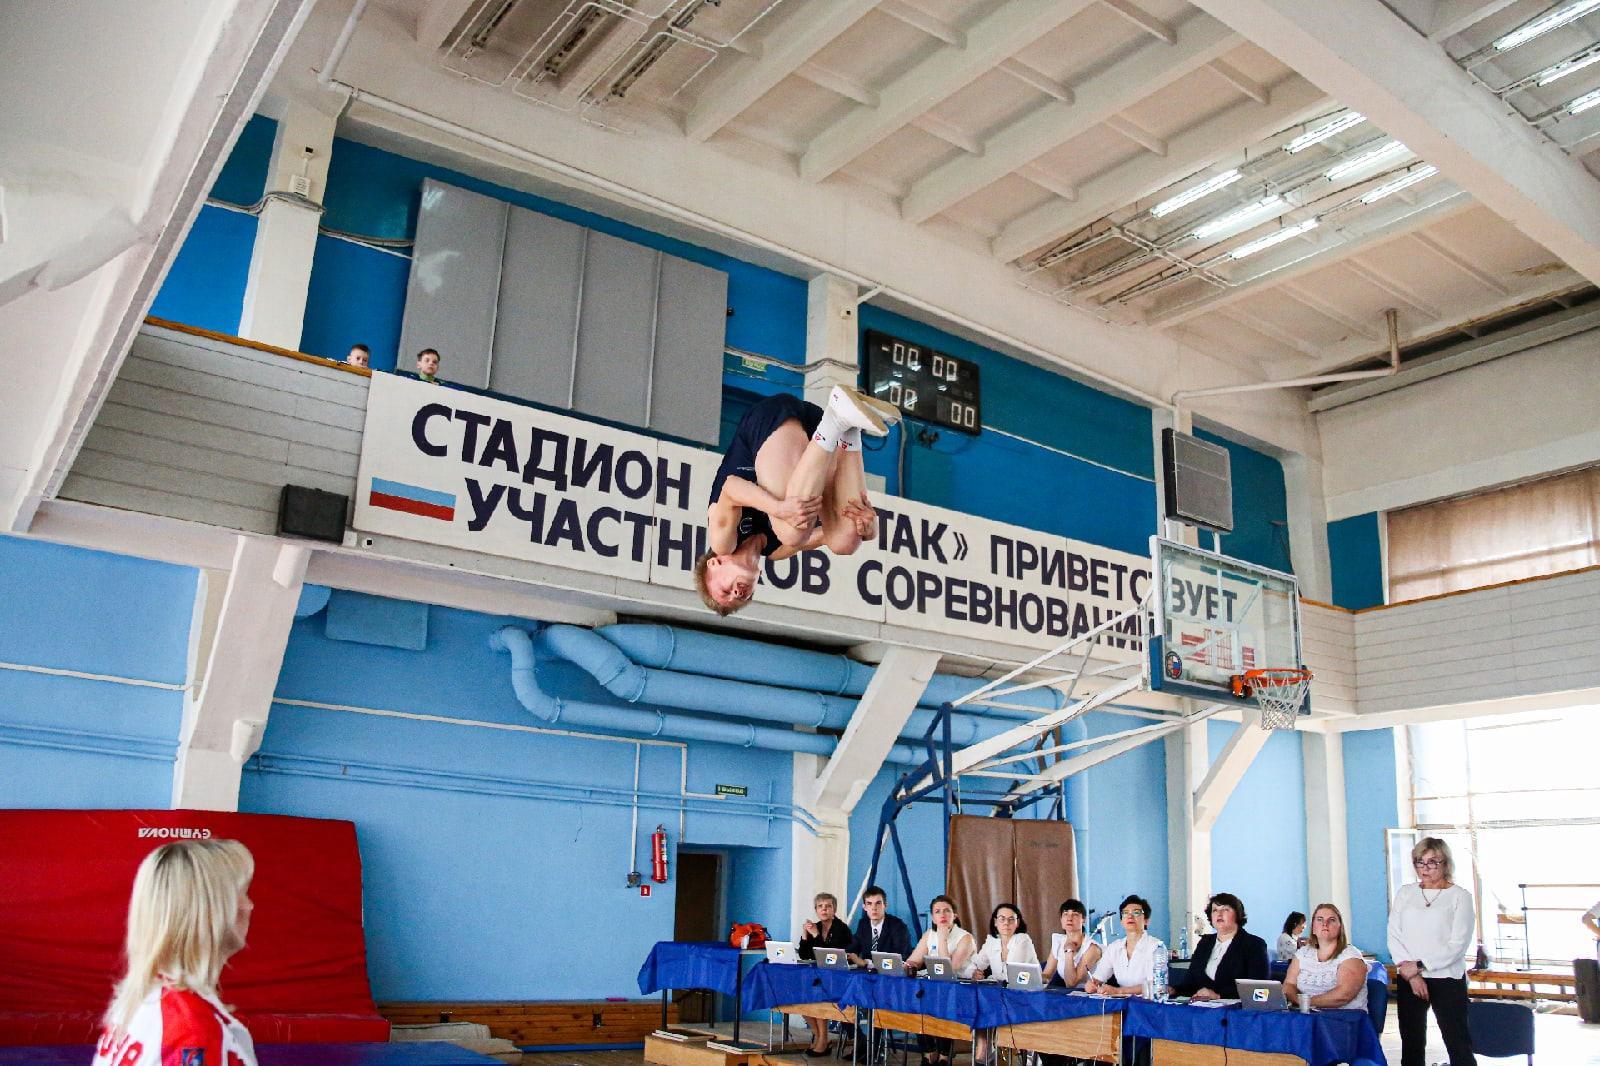 фото Всероссийские соревнования по прыжкам на батуте проходят в Новосибирске 13